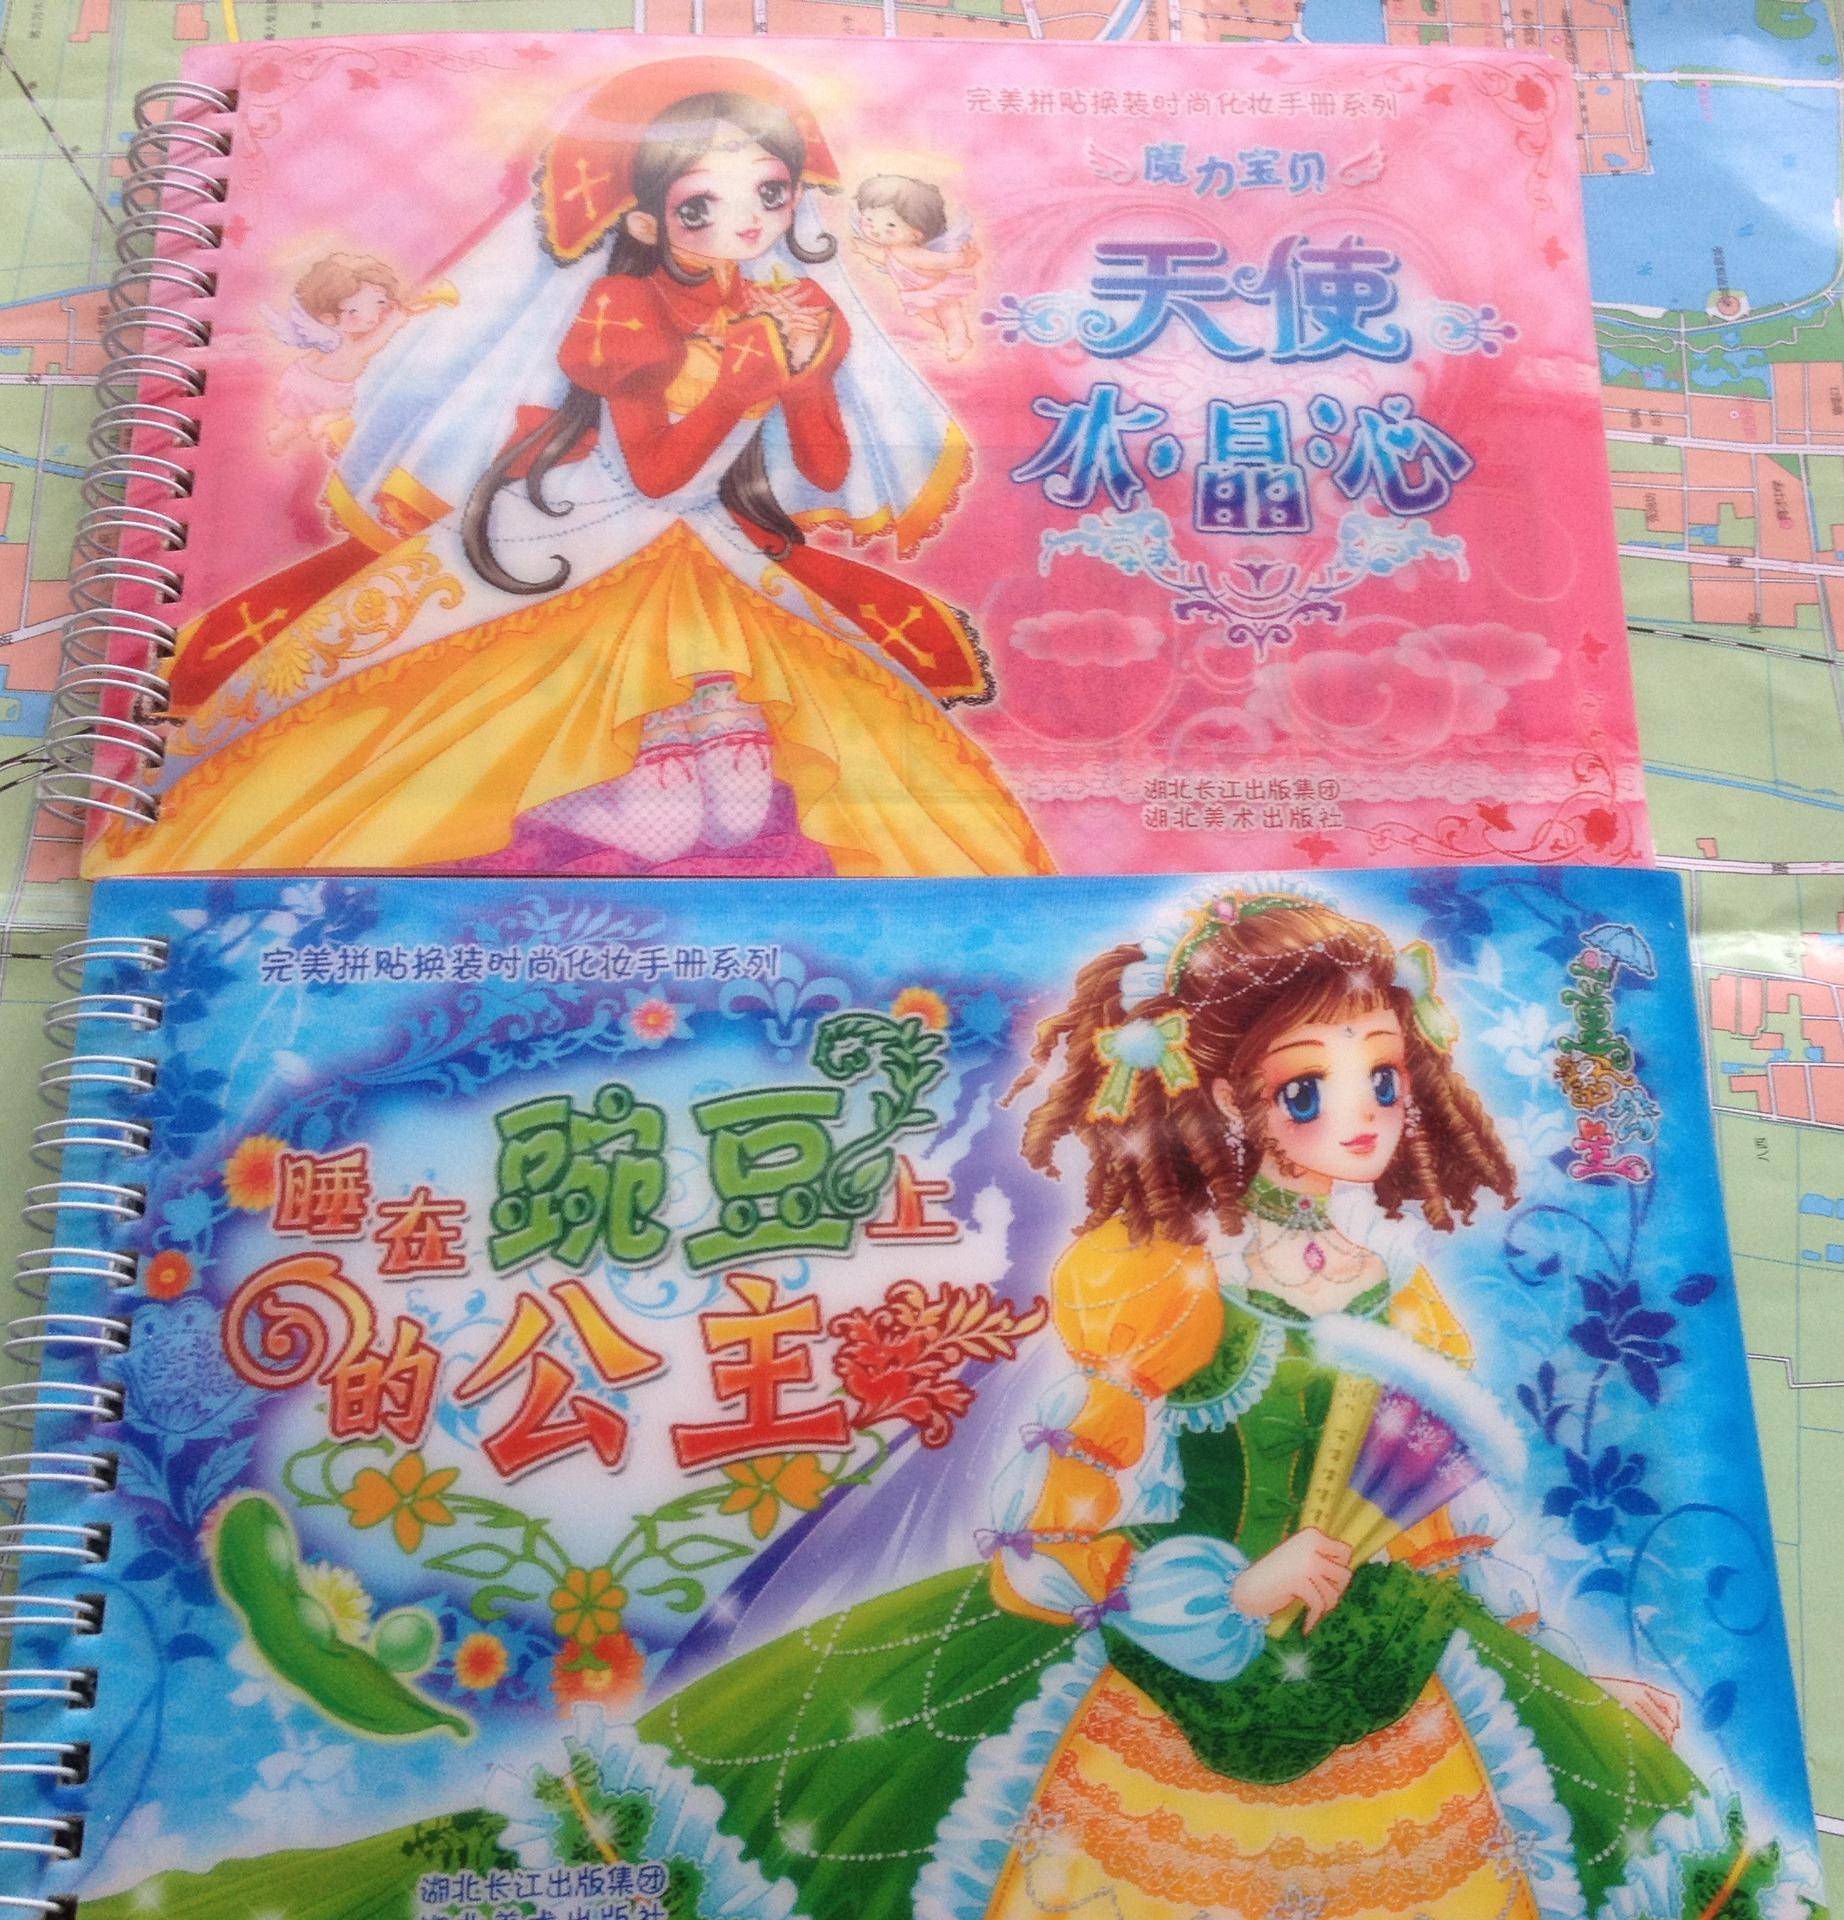 书籍 公主换装贴纸 儿童贴纸书 童话故事公主贴纸 早教益智书籍贴贴画